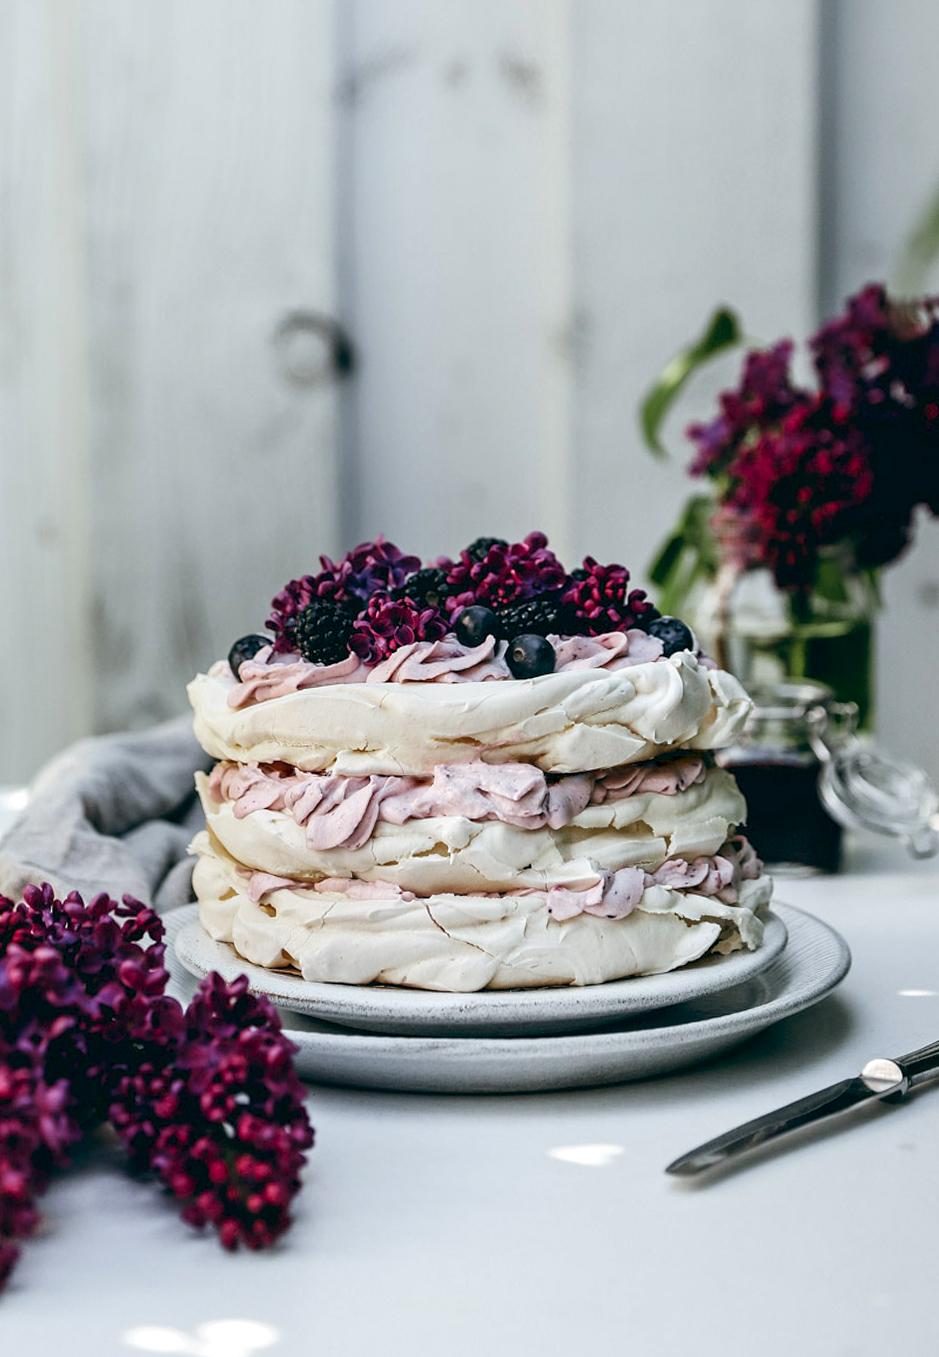 Lust auf eine Pavlova-Torte mit Blaubeer-Sahne-Creme?